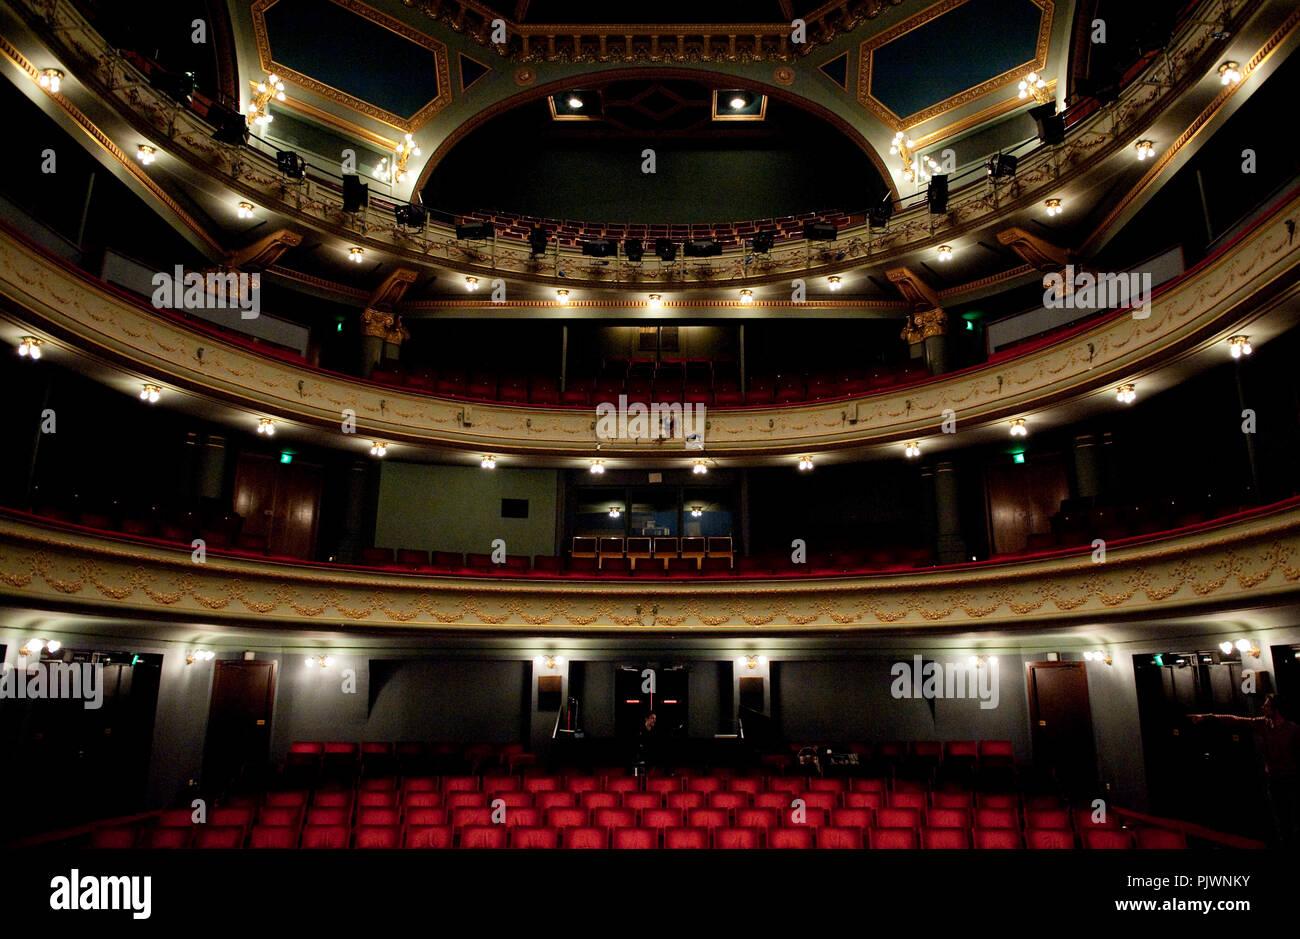 The Koninklijke Nederlandse Schouwburg in Ghent, home of the NTG theatre company (Belgium, 02/11/2008) - Stock Image